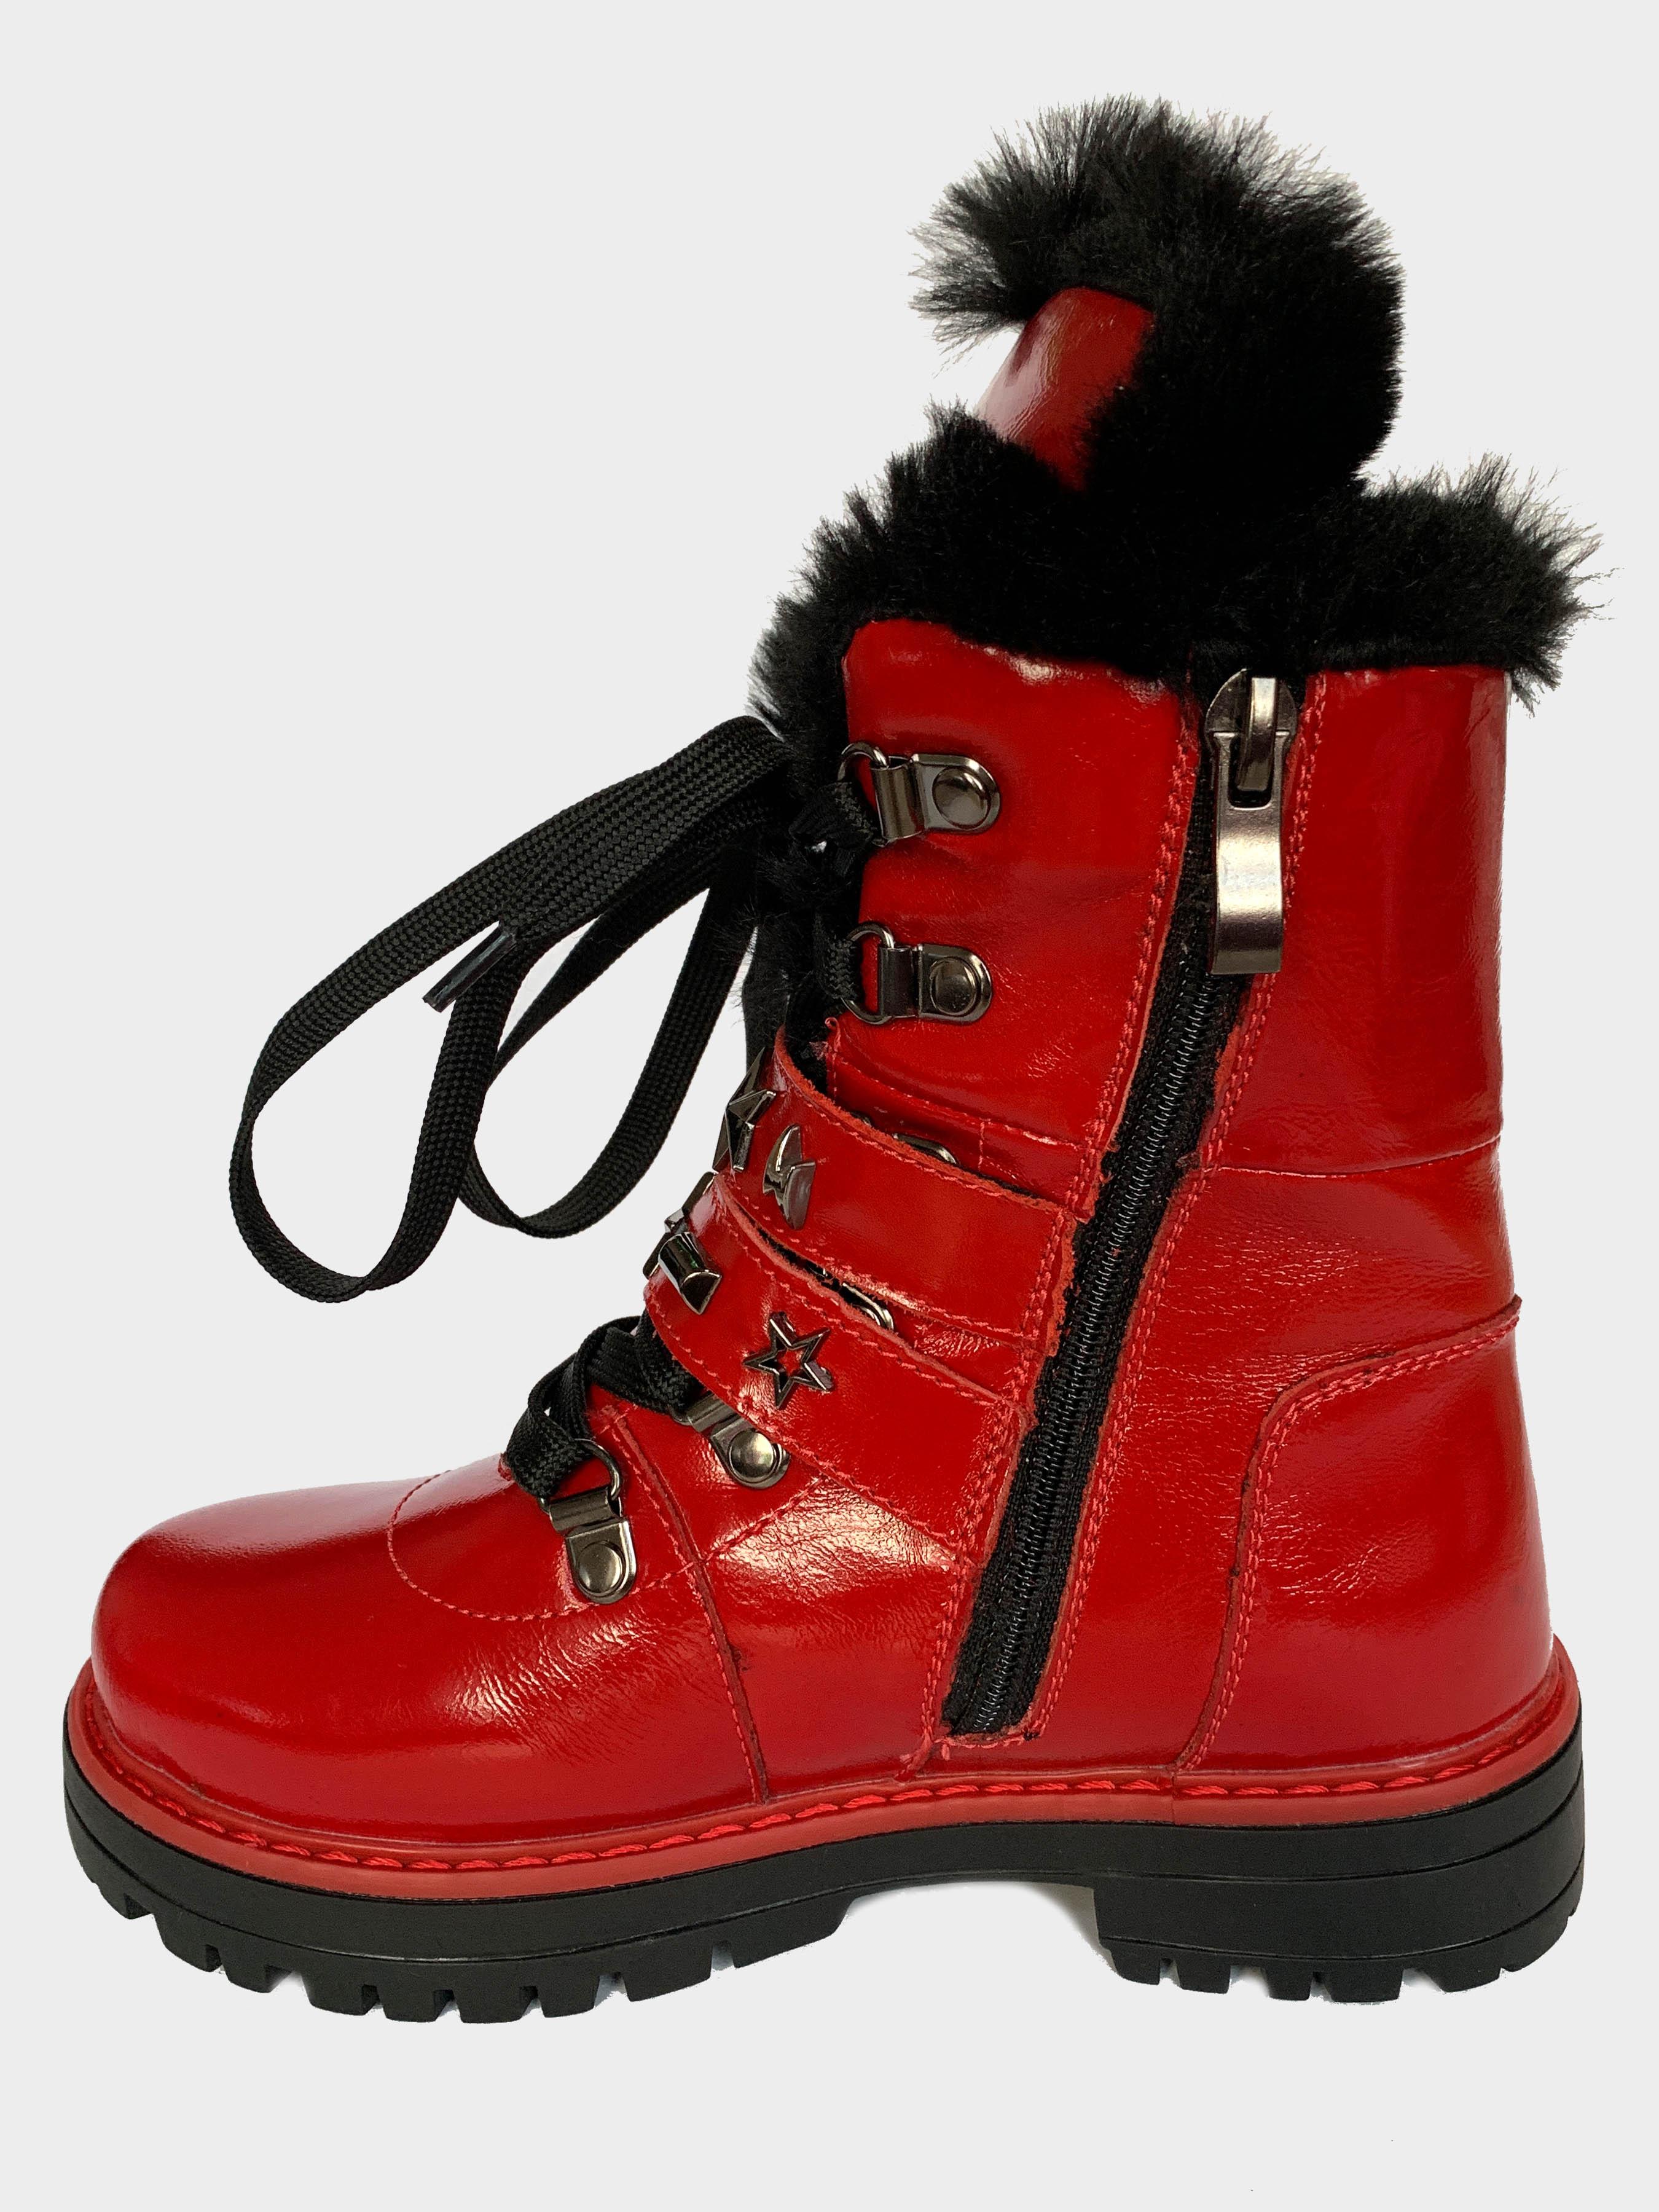 Ботинки детские Carry Red 199-2L размерная сетка обуви, 2017